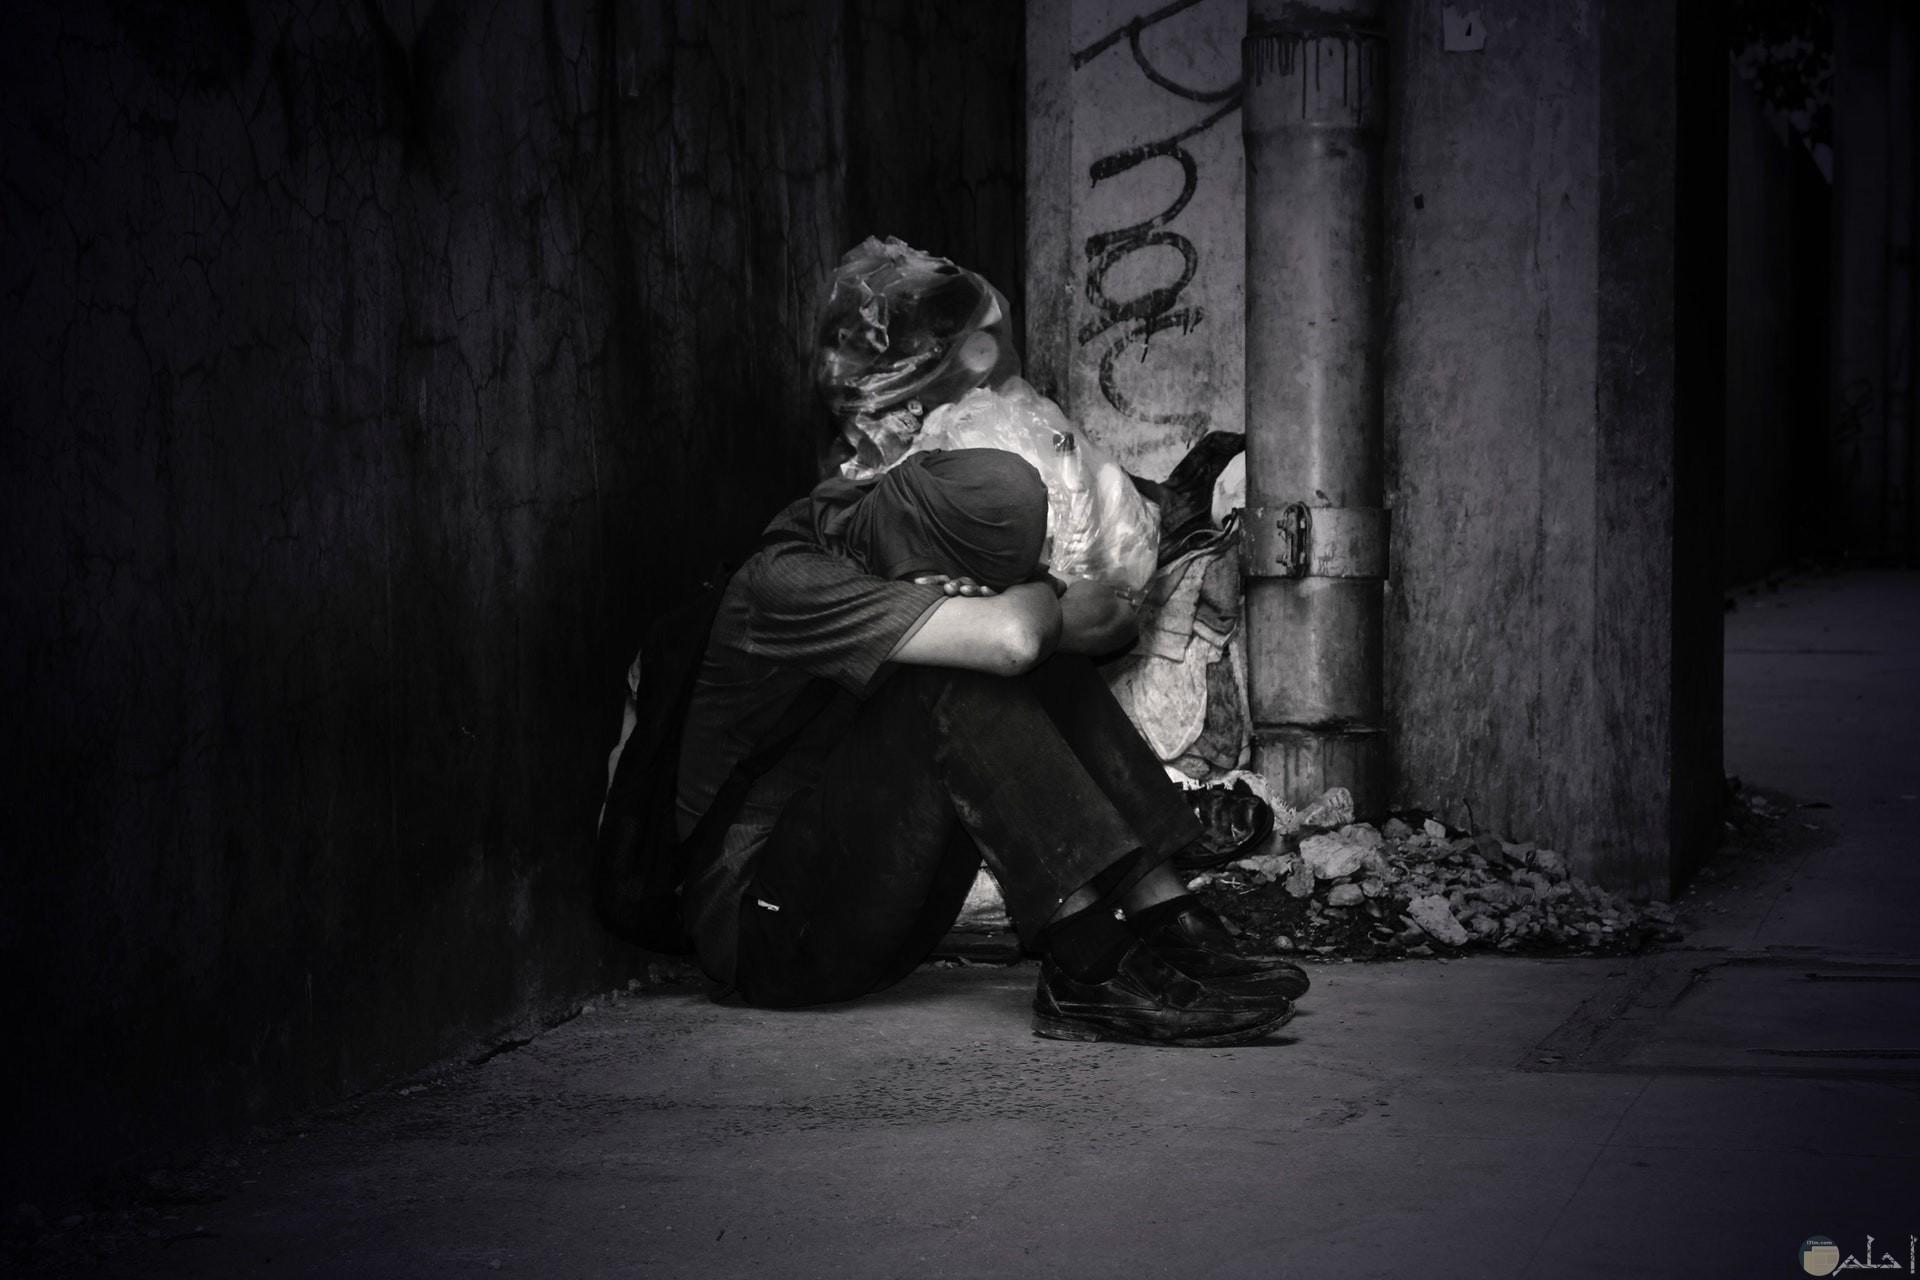 صورة حزينة أبيض وأسود لرجل حزين ومكتئب